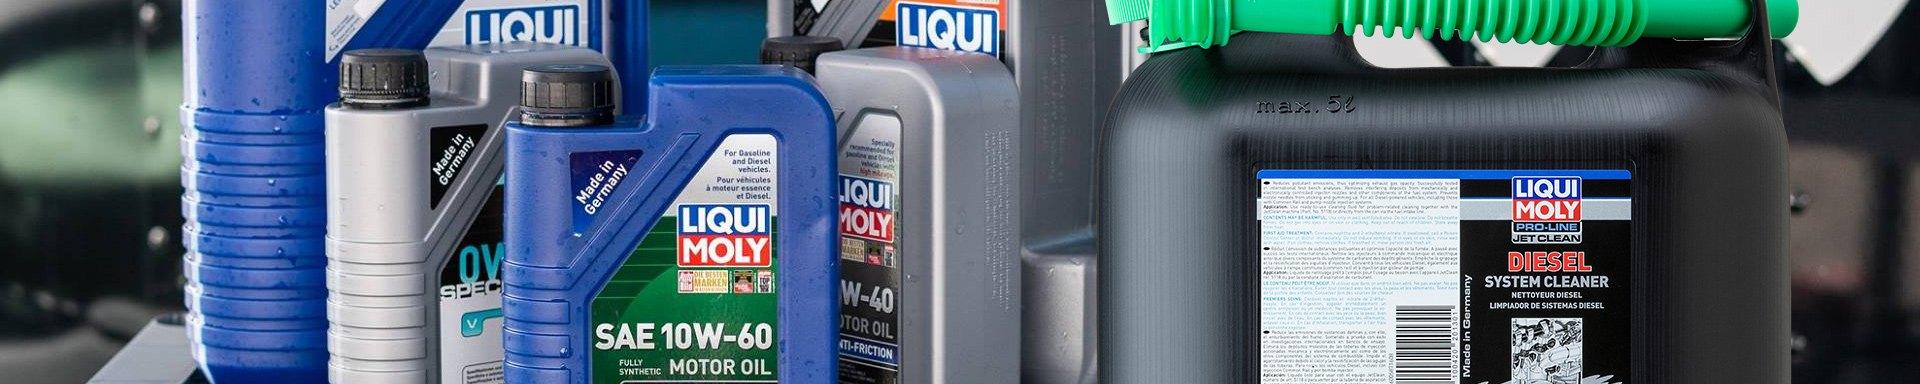 Liqui Moly™ | Semi-Truck Oils, A/C Parts - TRUCKiD com